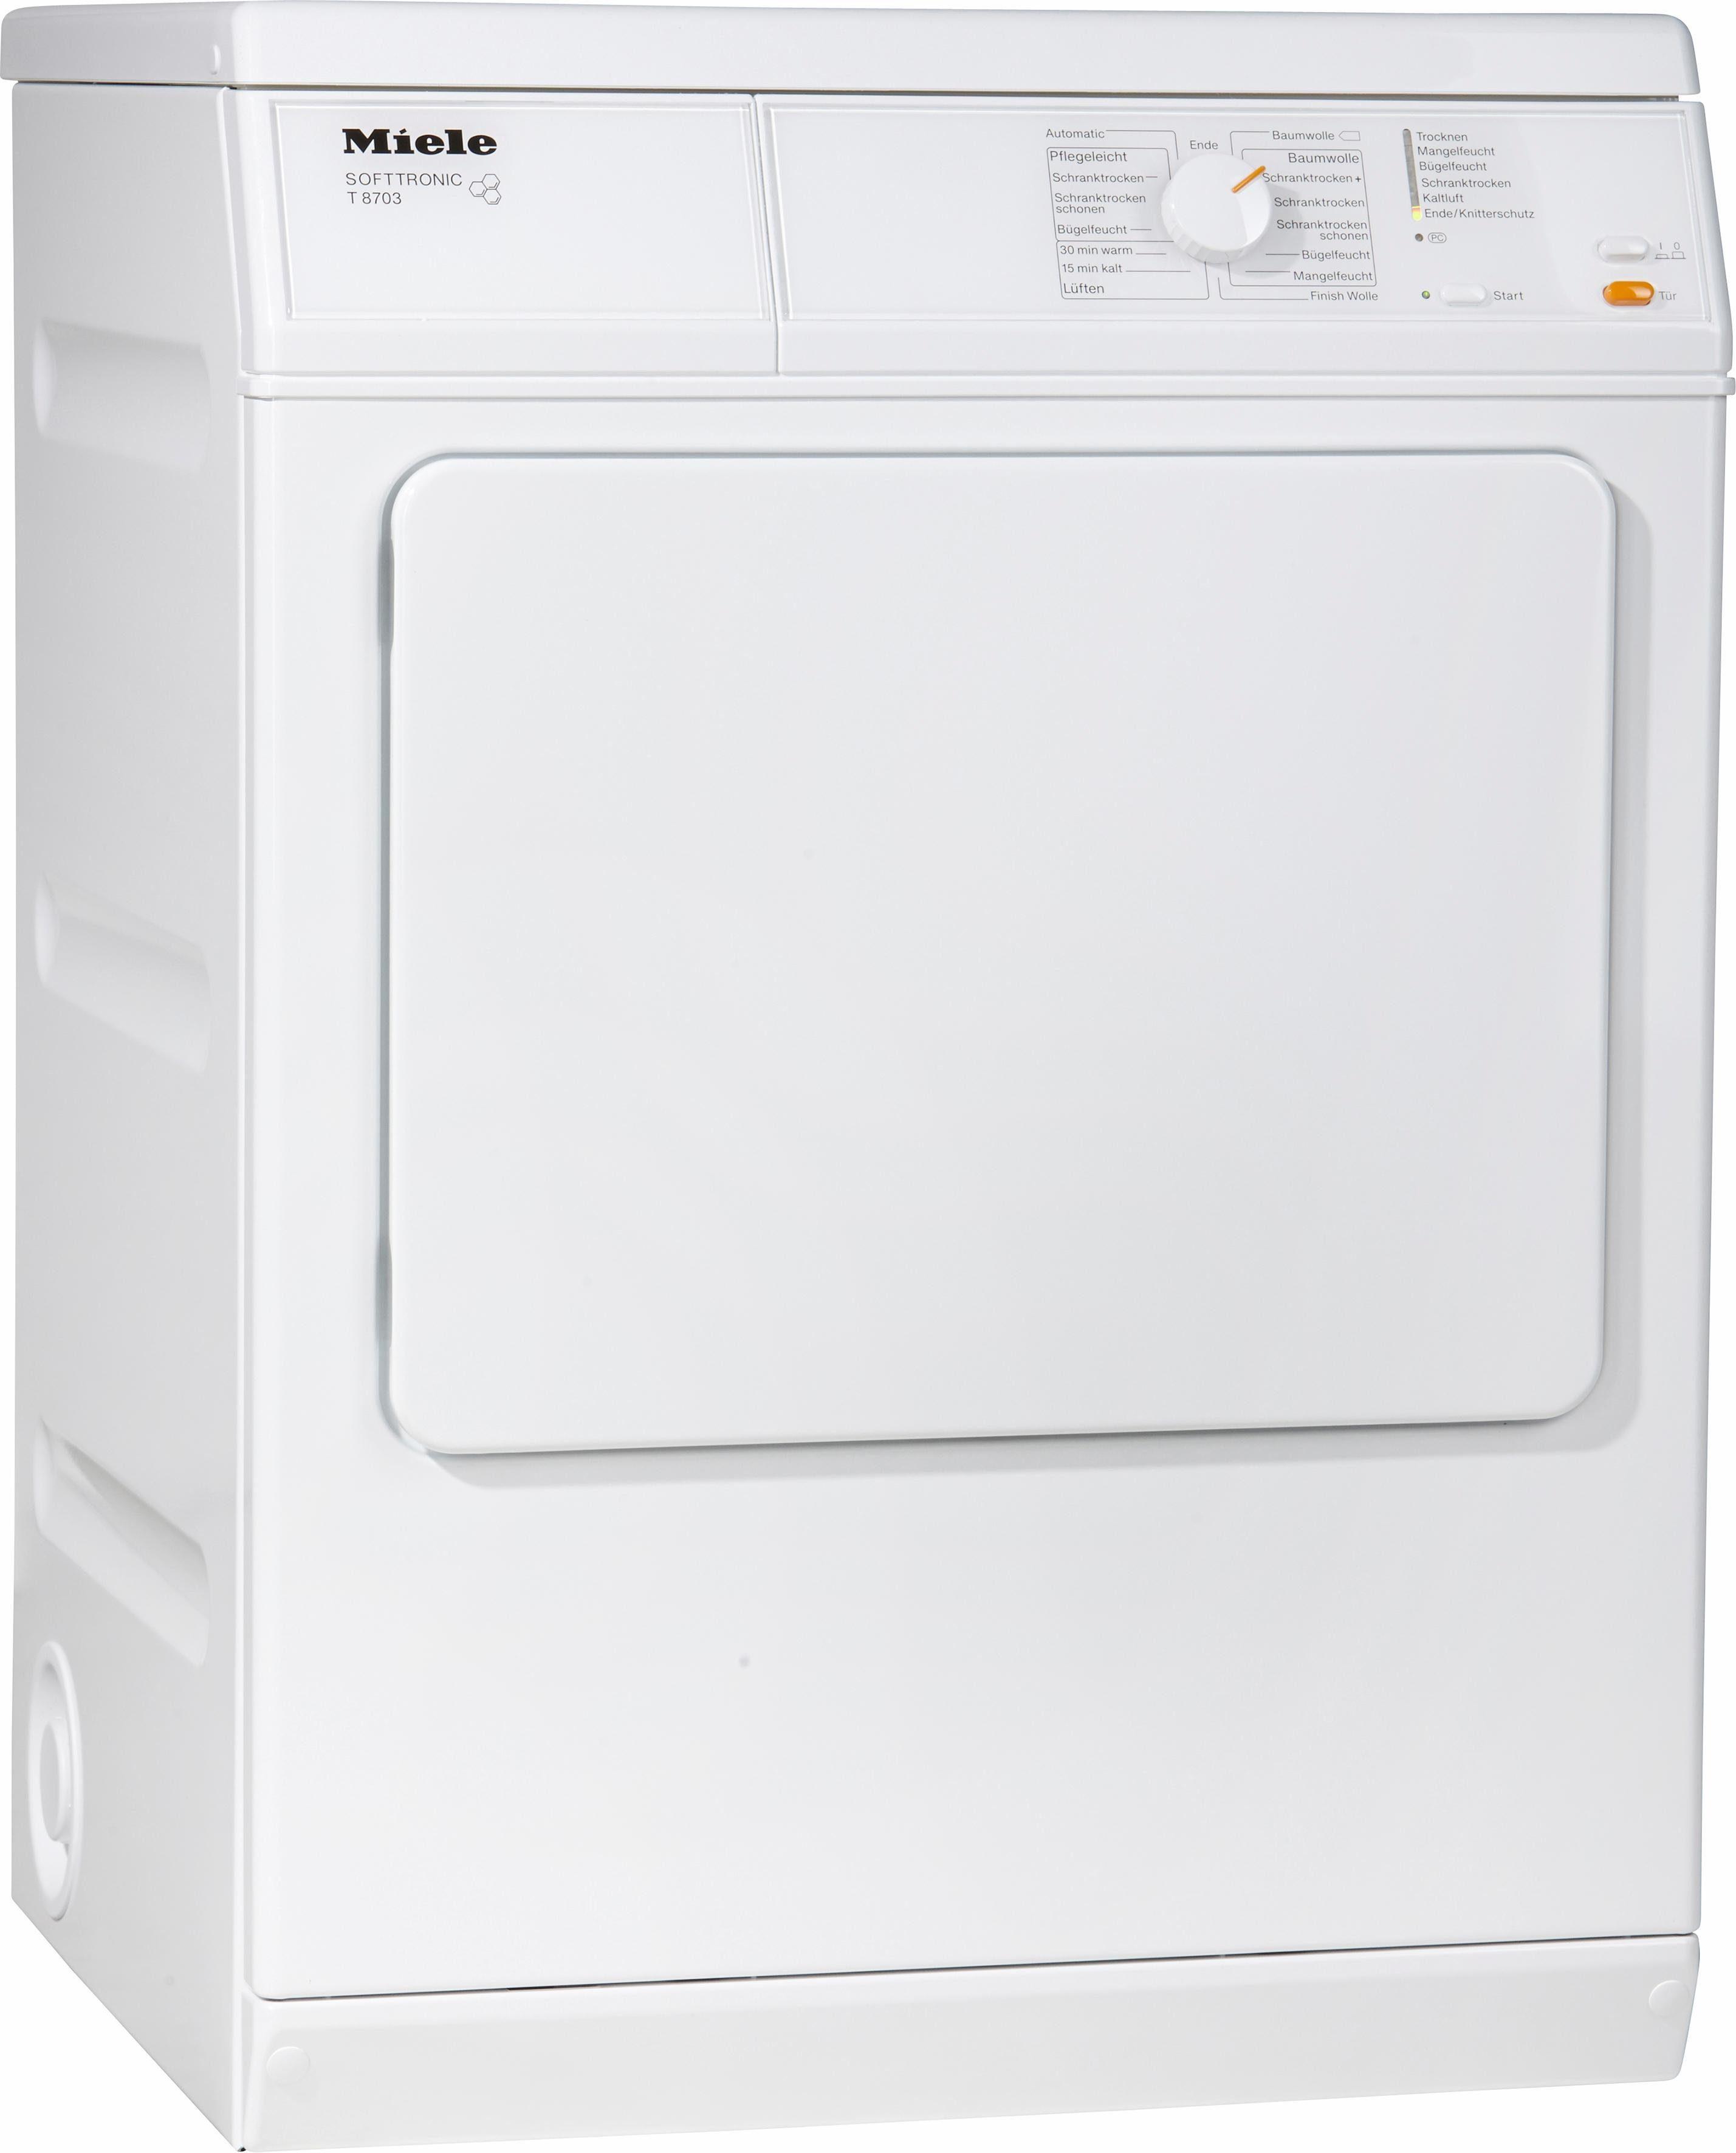 MIELE Trockner T 8703, C, 7 kg